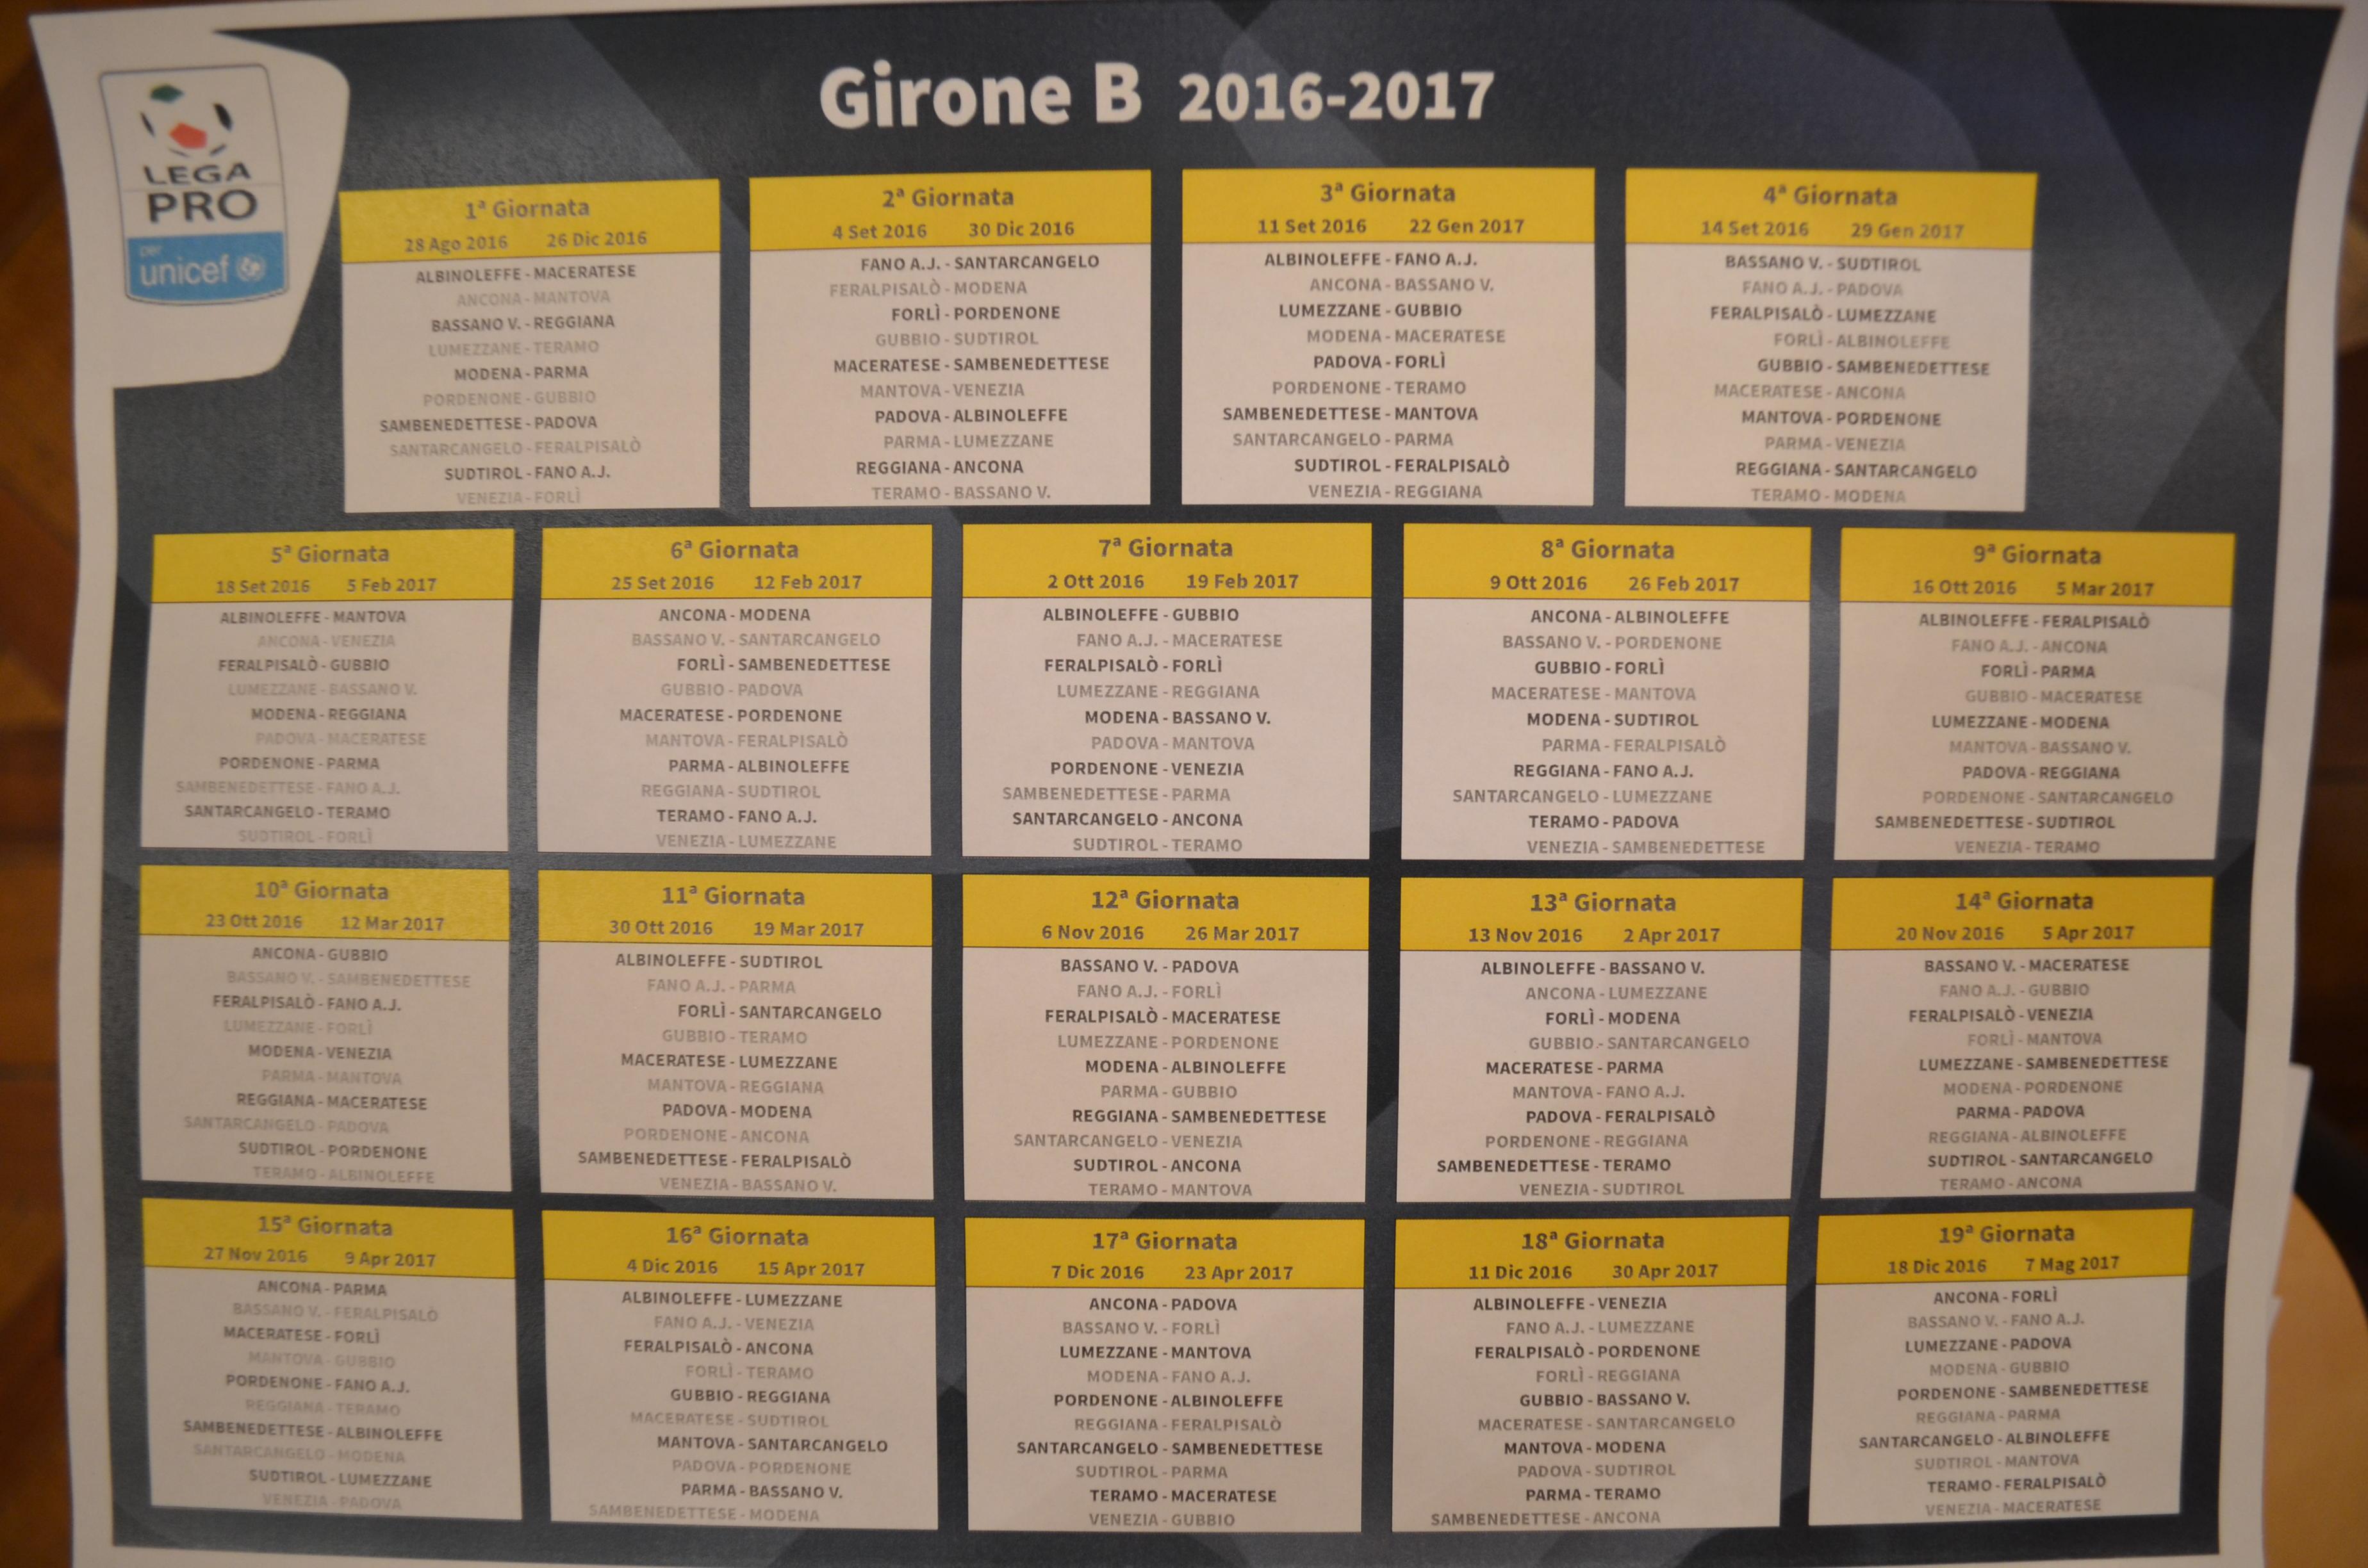 Calendario Parma Lega Pro.Ecco Il Calendario Della Lega Pro Dulcis In Fundo Derby